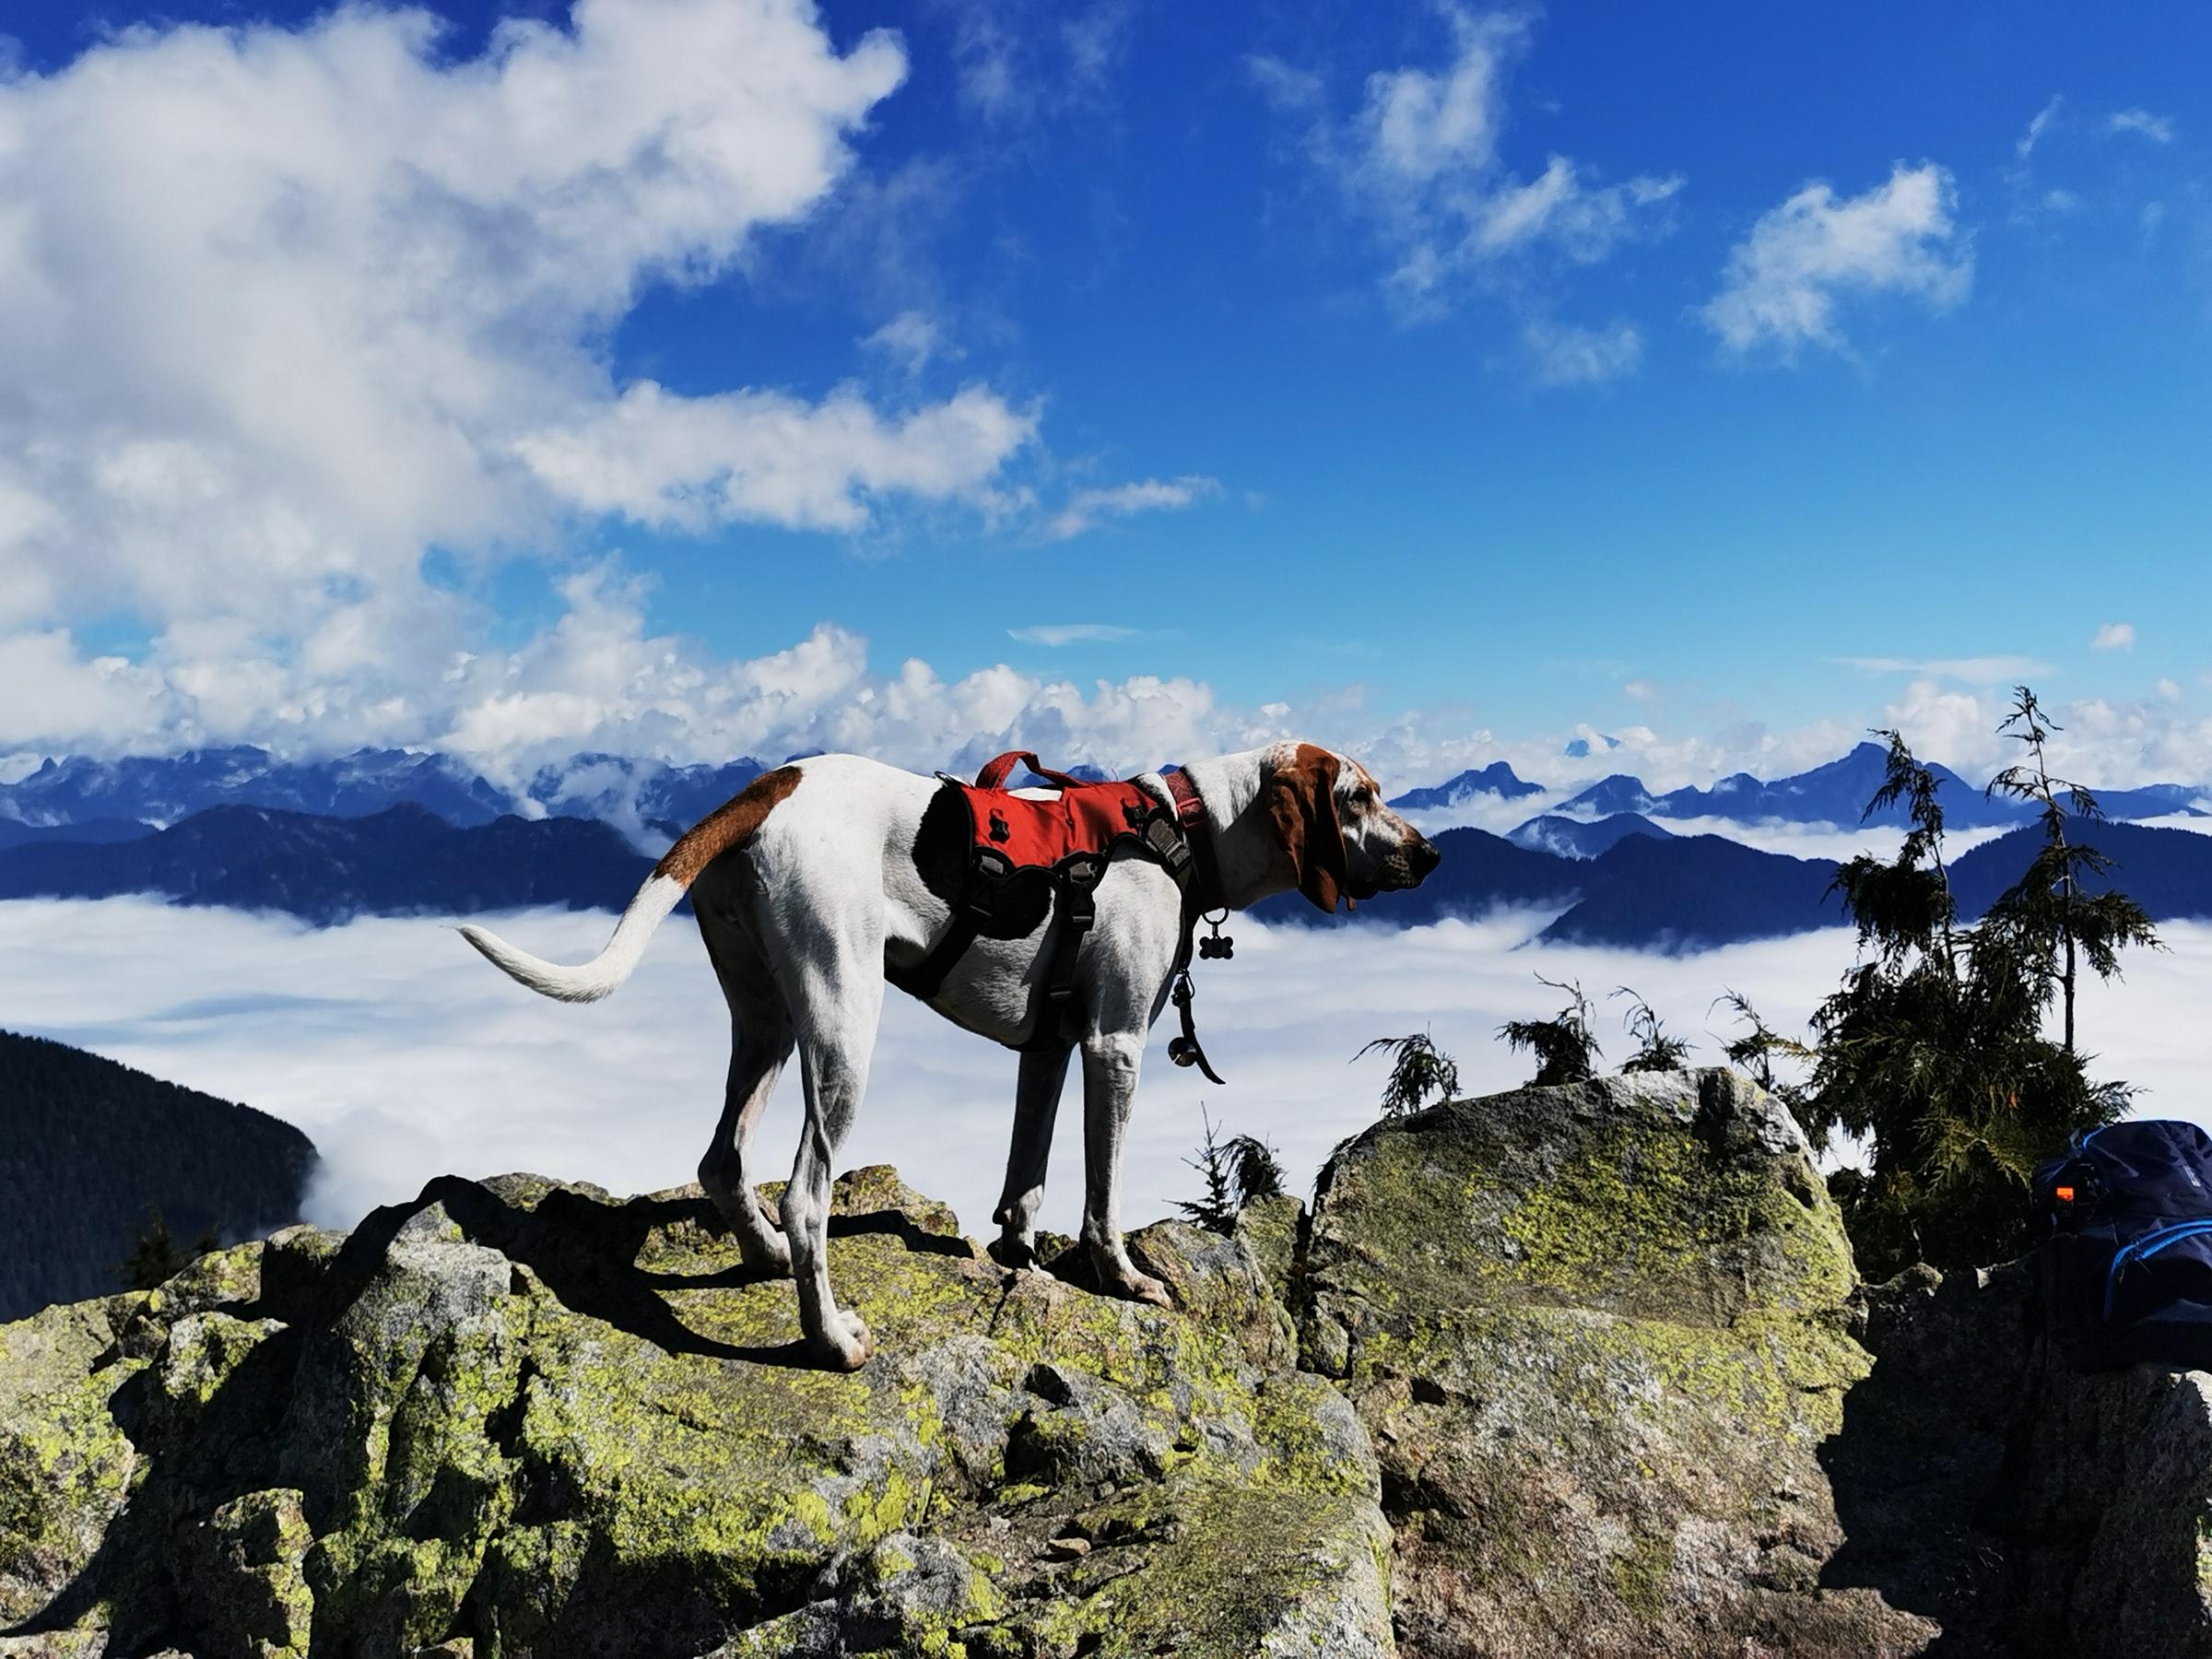 Wandern mit Hund - Berge und Hund